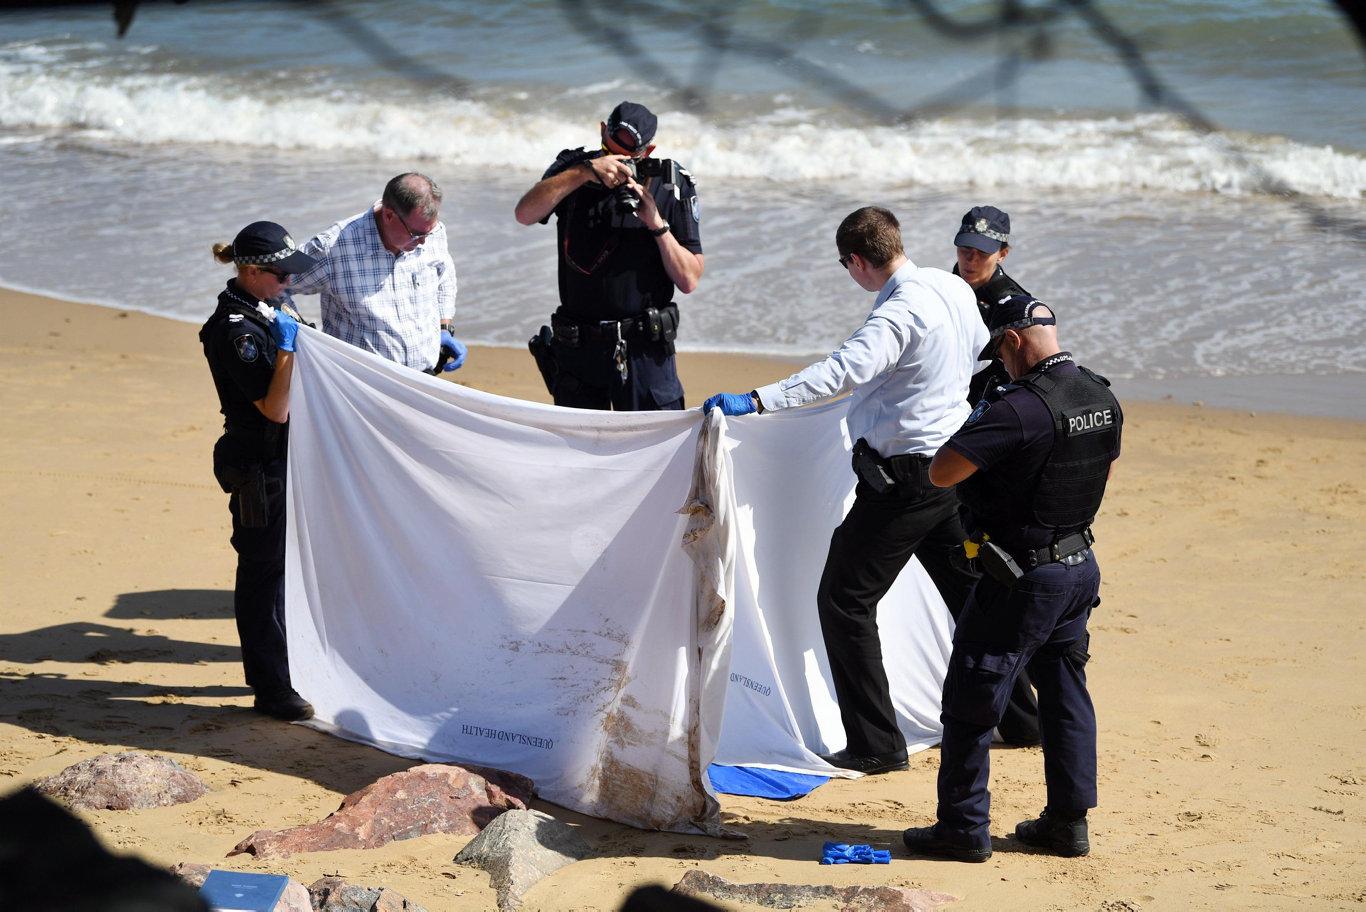 Body found on beach - A woman's body was found on Scarness beach. Photo: Cody Fox